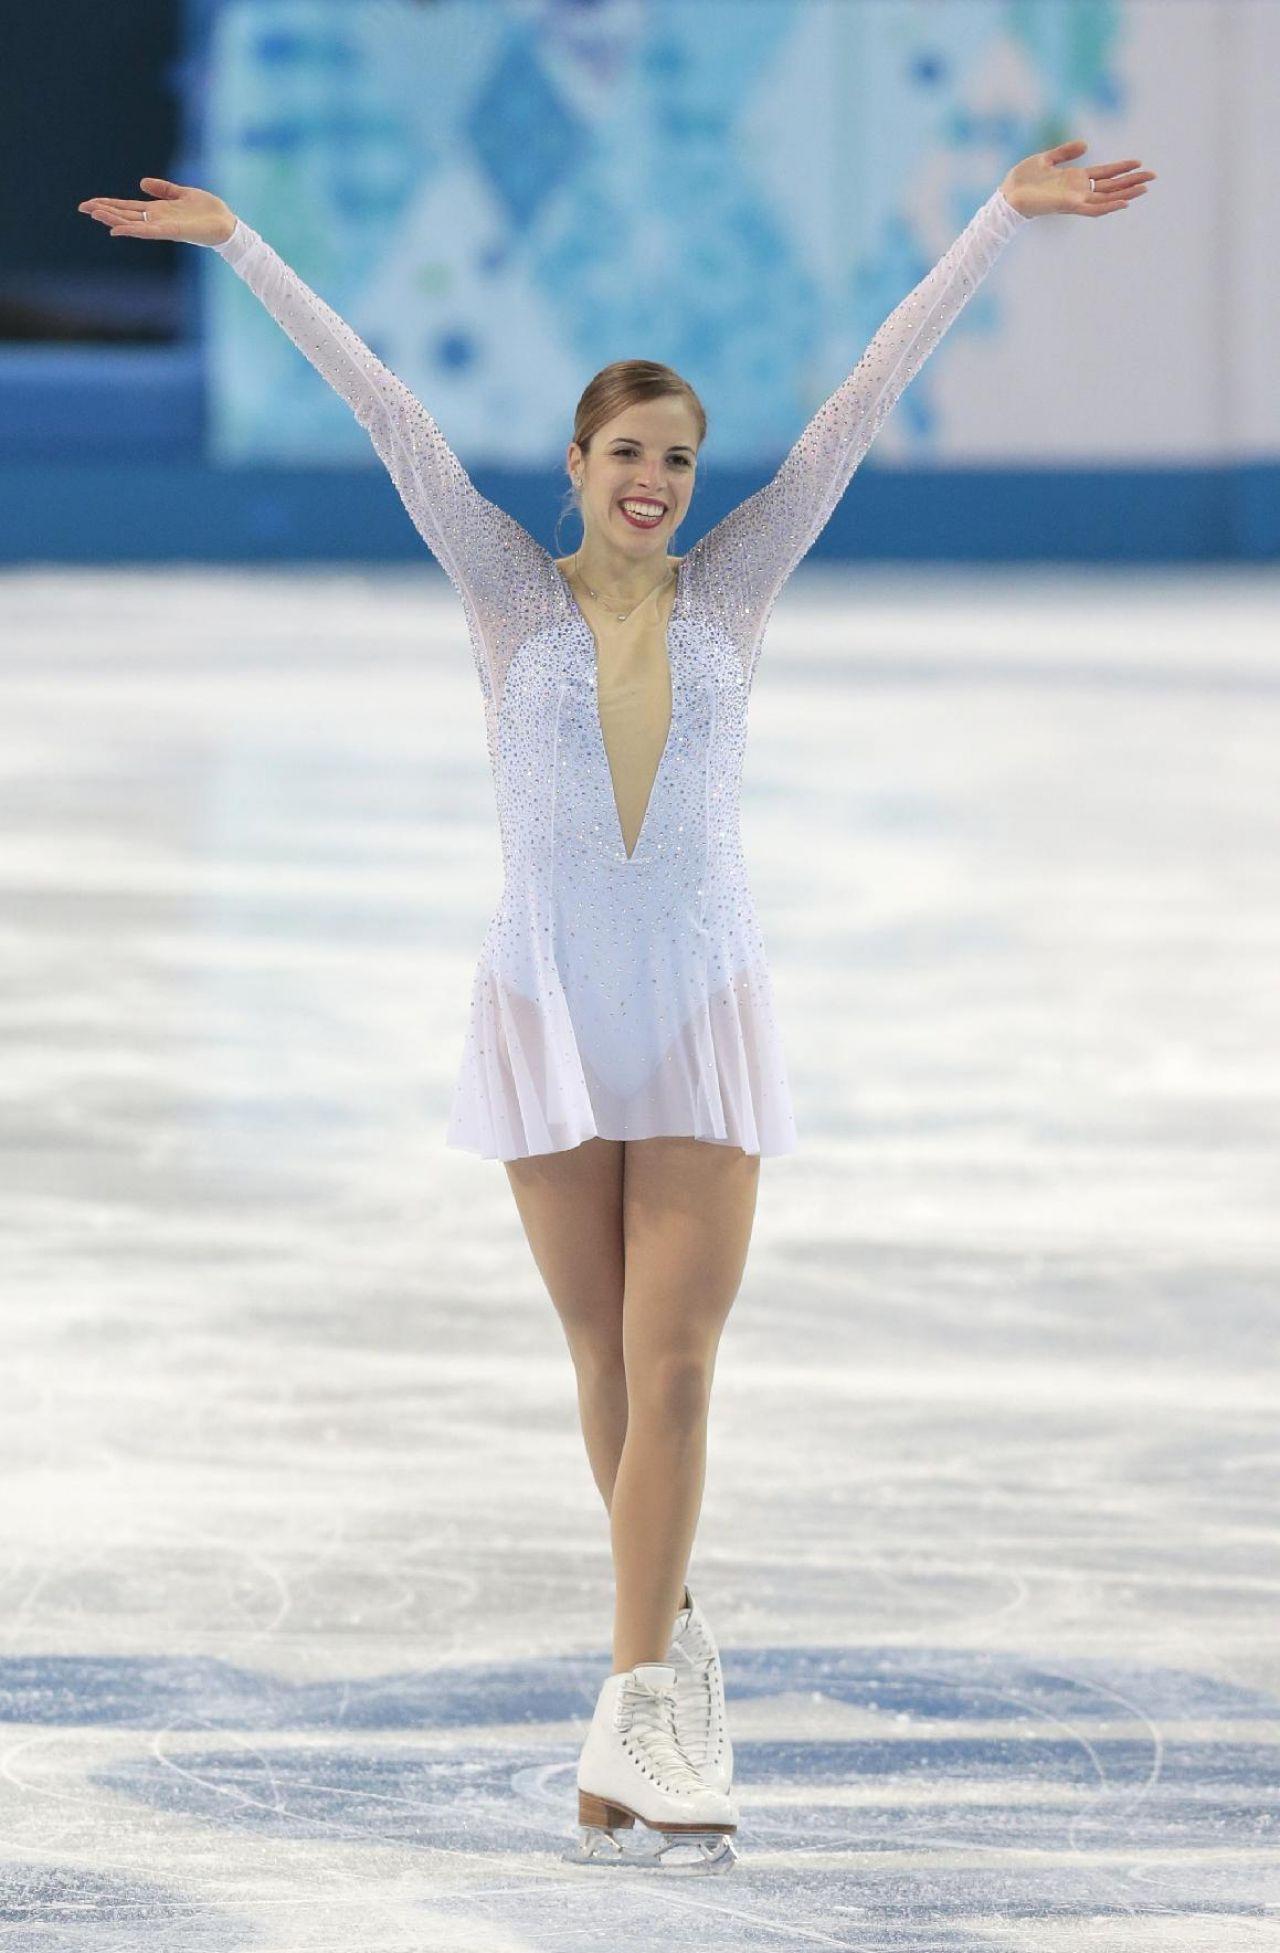 Carolina Kostner - Sochi 2014 Winter Olympics